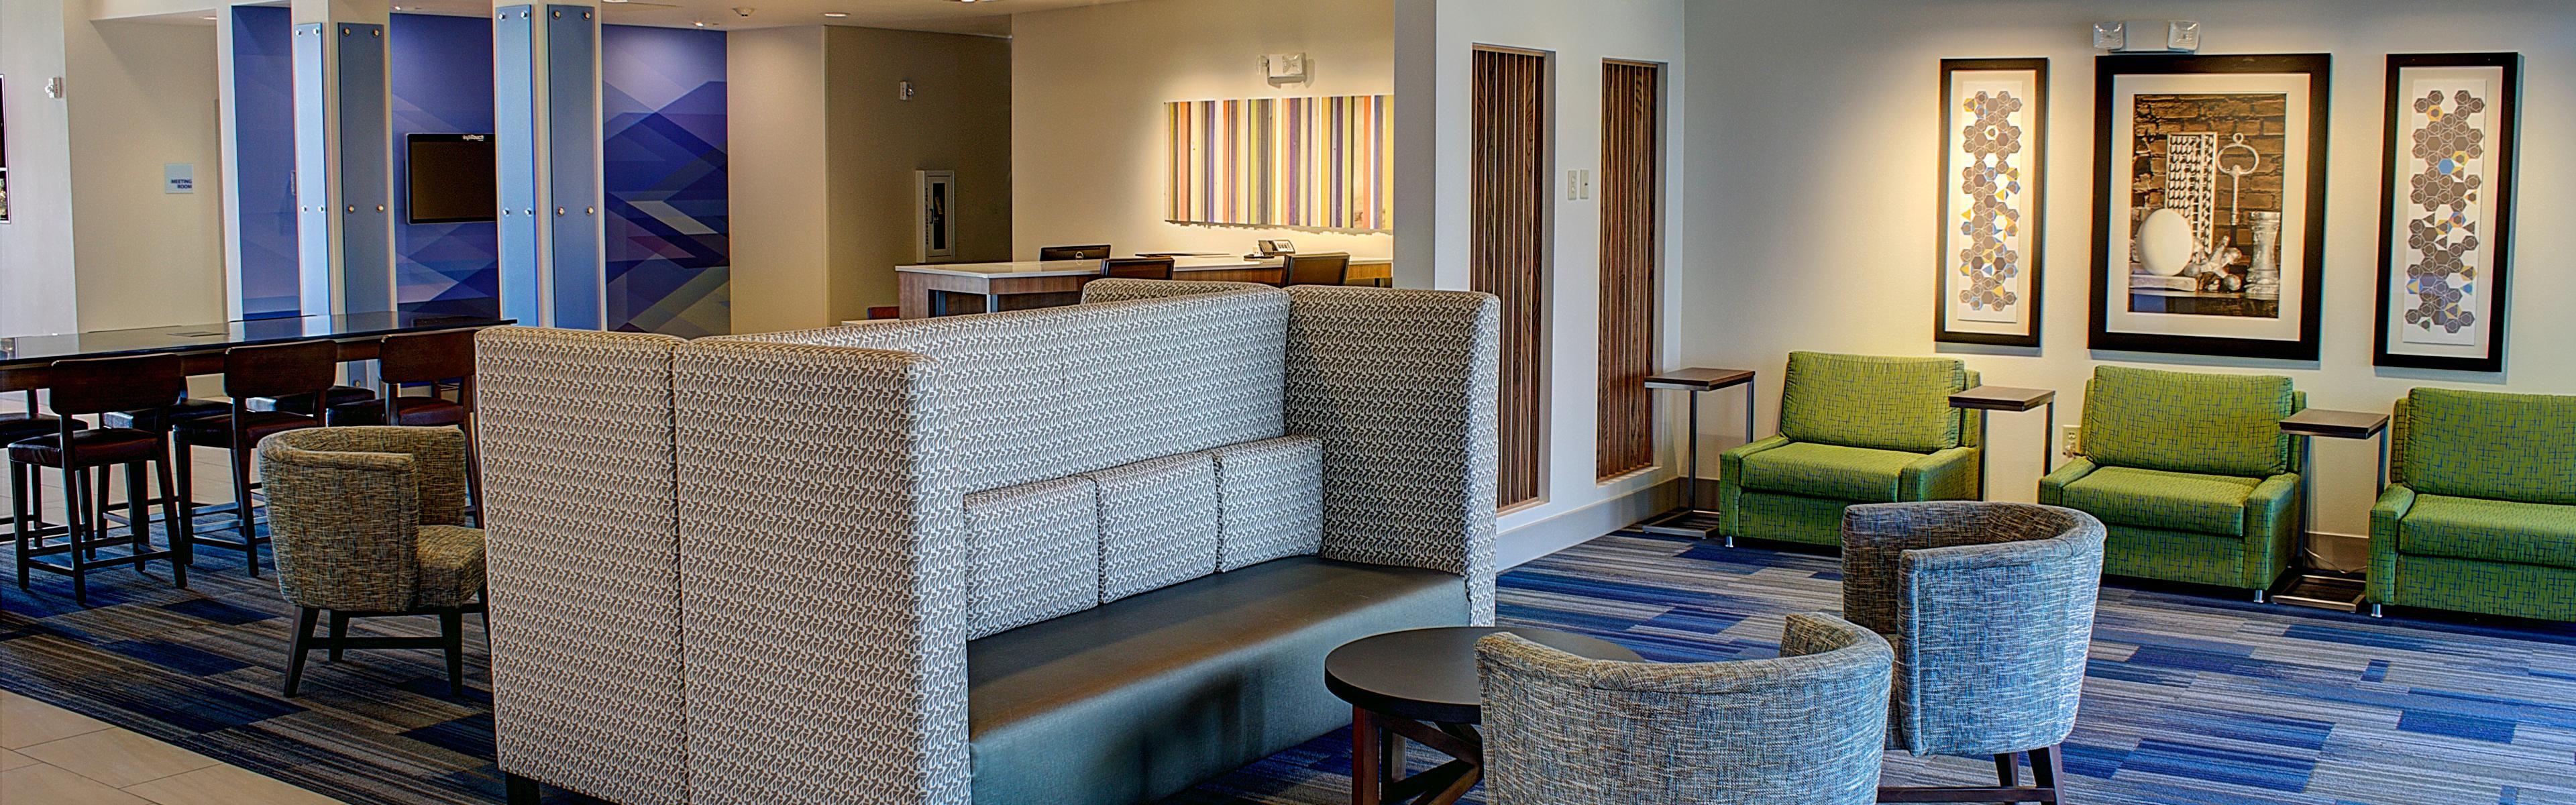 ... Hotel Lobby   Holiday Inn Express Spencer IA ...